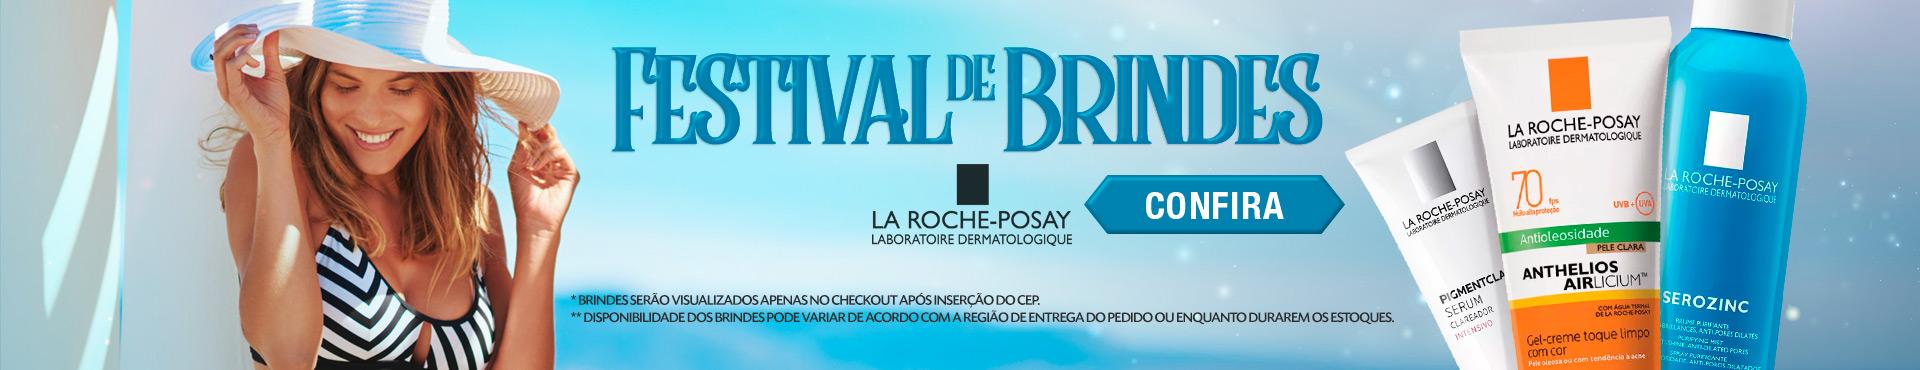 Festival de Brindes LA ROCHE